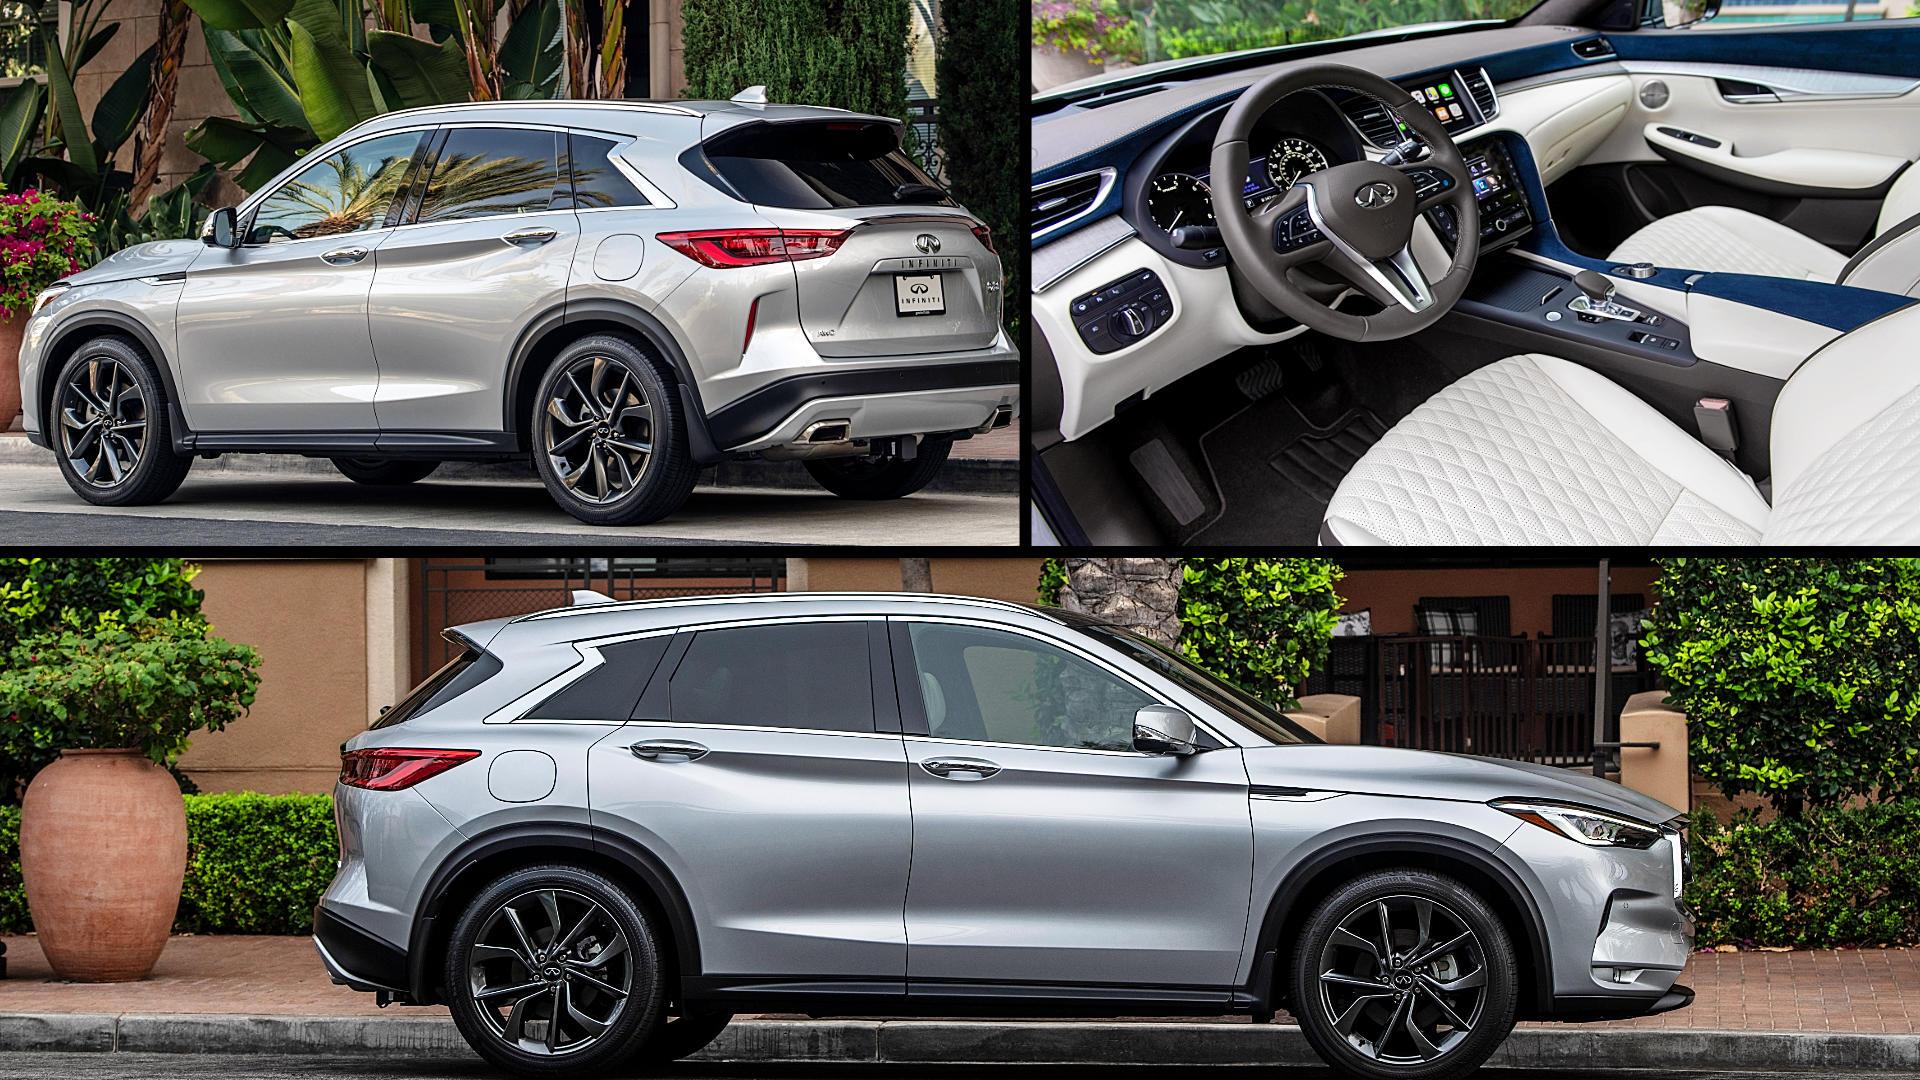 2021 Infiniti SUV QX50 Pictures